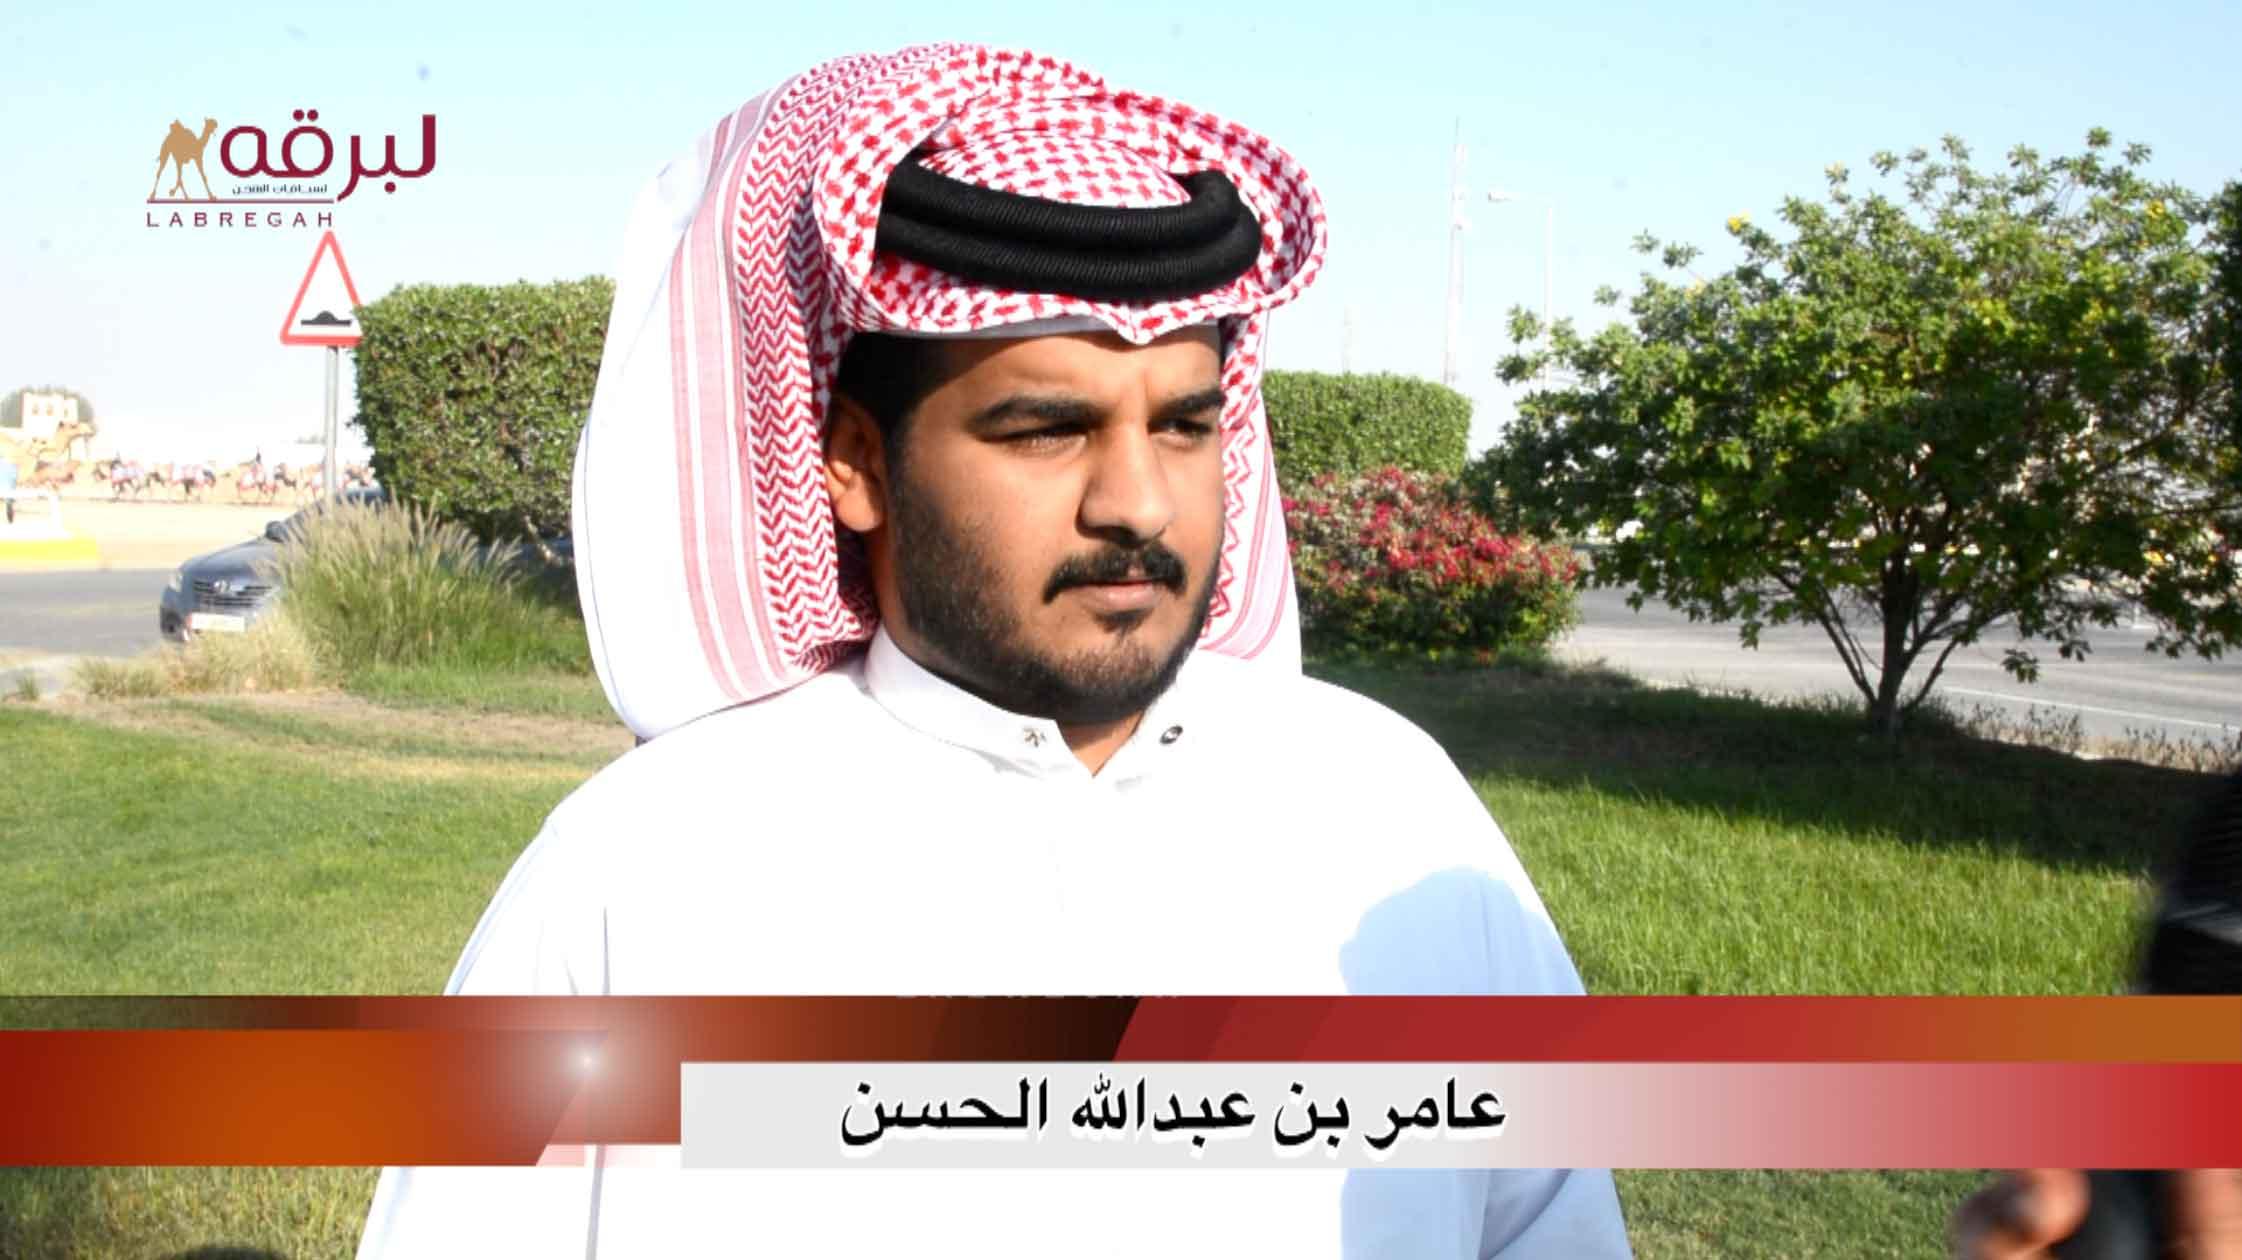 لقاء مع عامر بن عبدالله الحسن.. الشوط الرئيسي للثنايا قعدان مفتوح الأشواط العامة  ٣٠-١٠-٢٠٢٠